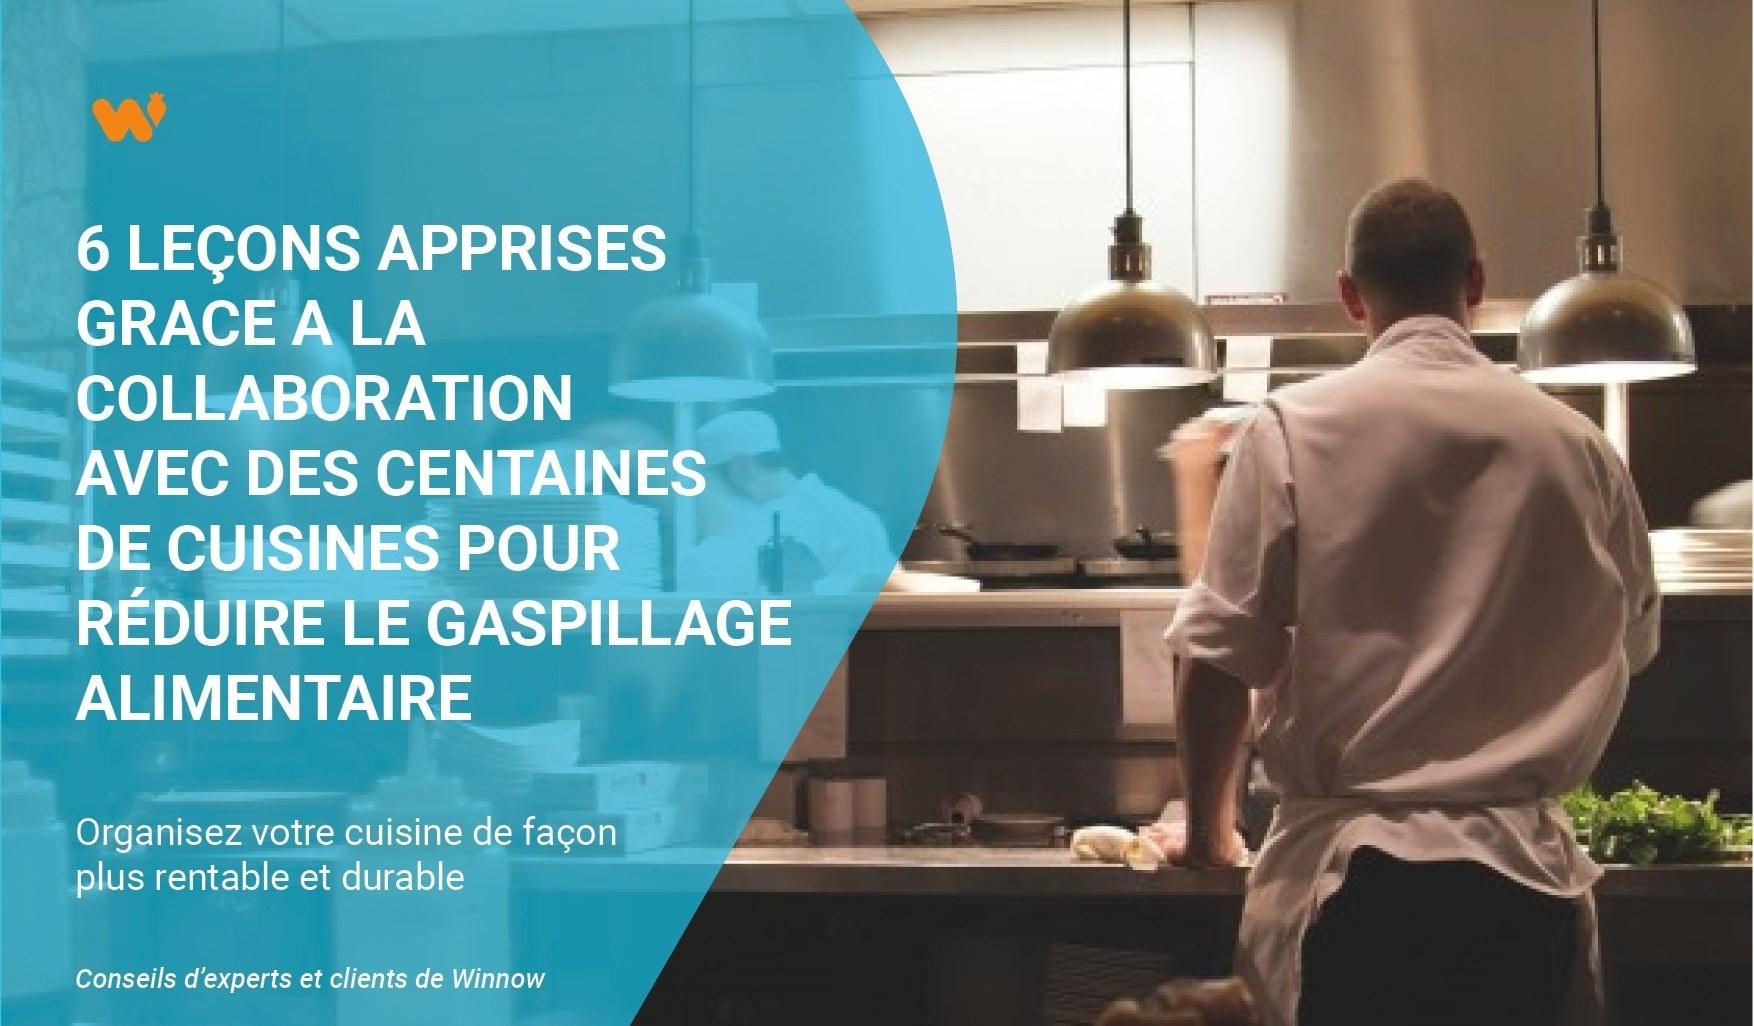 6 leçons apprises grace a la collaboration avec des centaines de cuisines pour réduire le gaspillage alimentaire